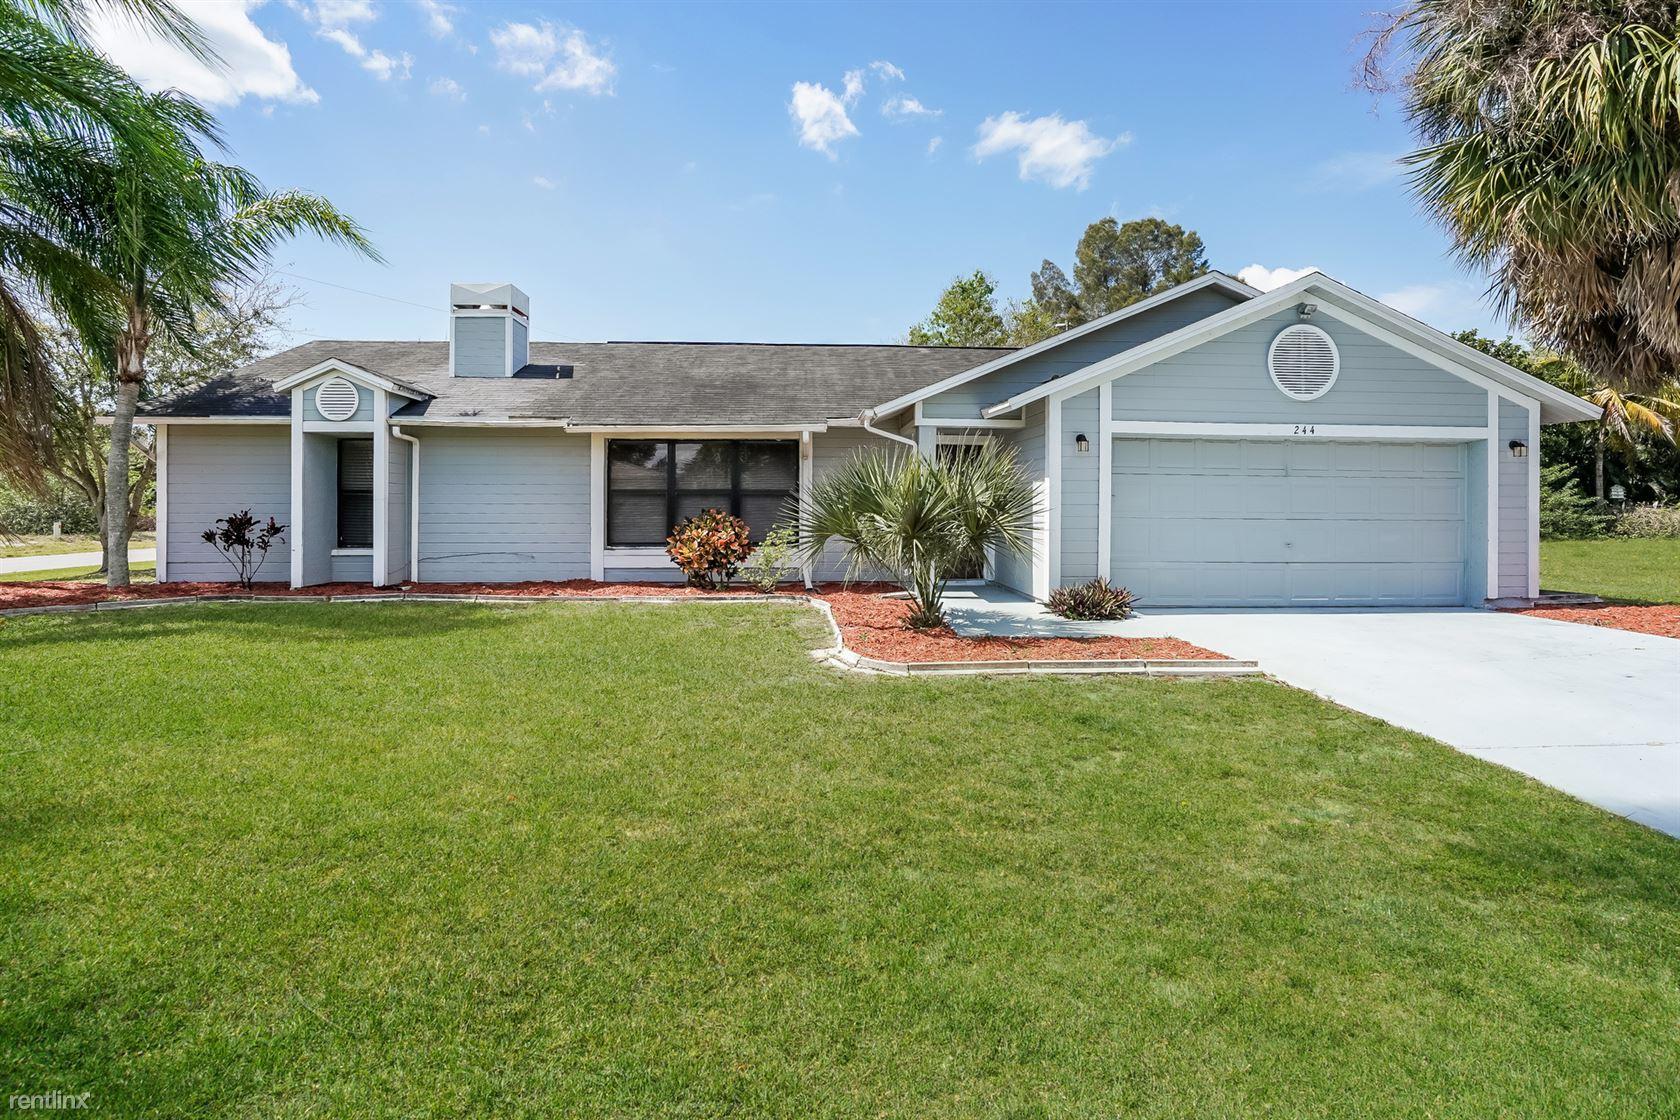 244 SW 22nd Pl, Cape Coral, FL - $1,599 USD/ month